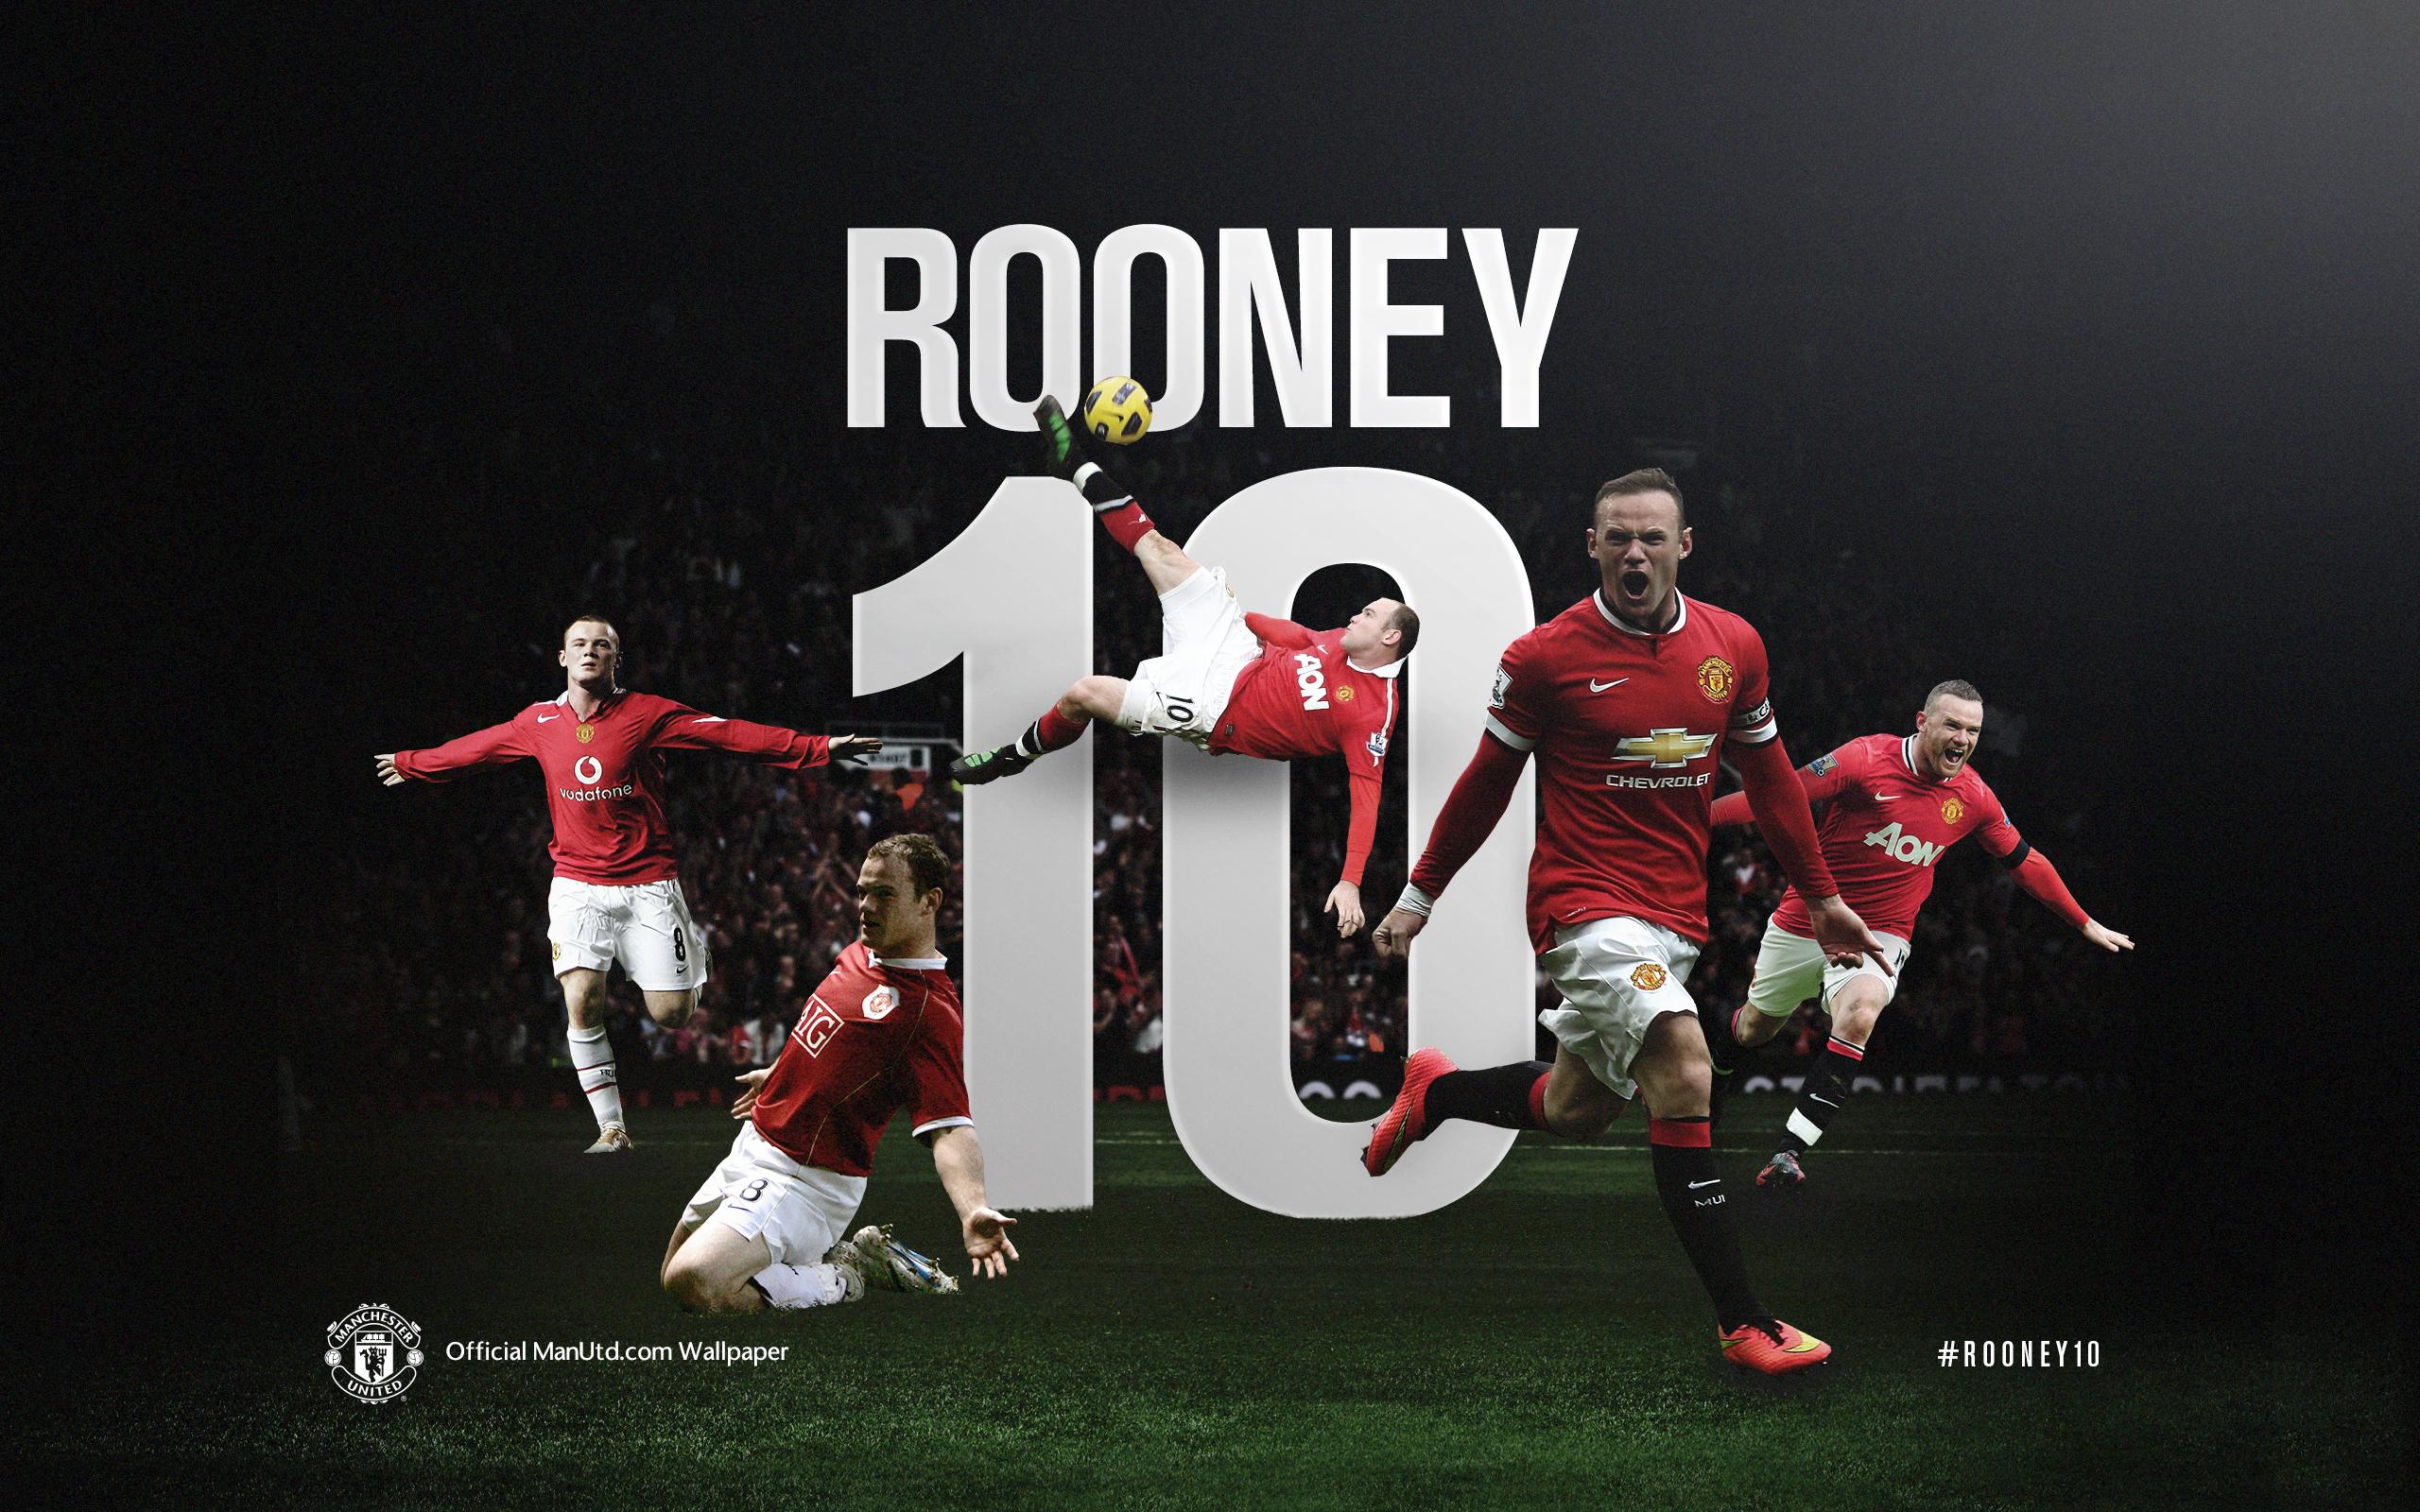 Ten years of Rooney